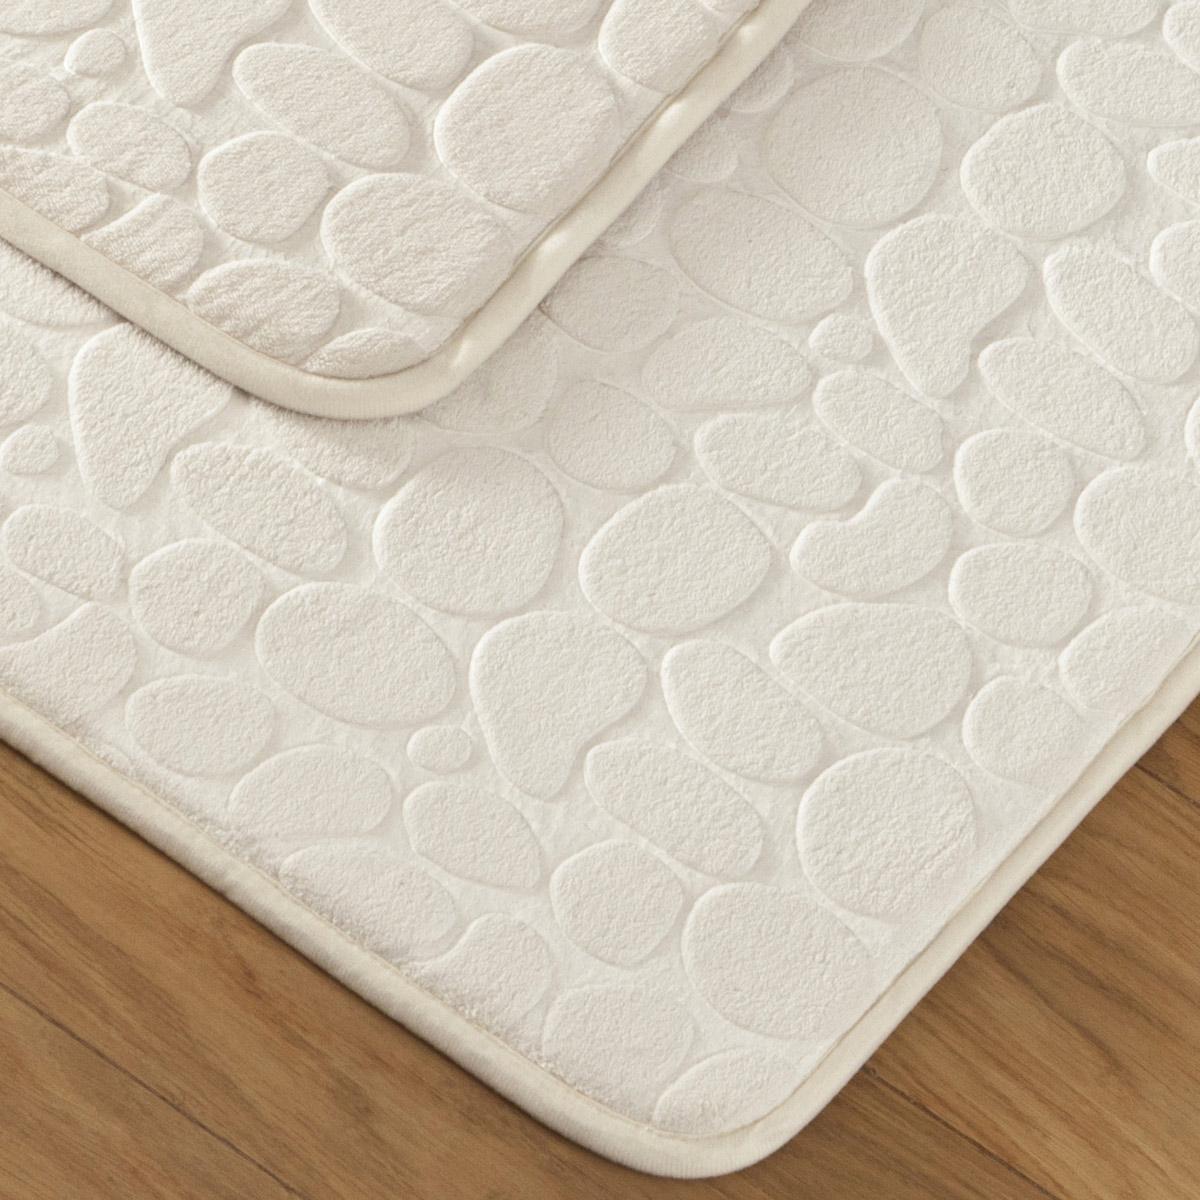 tapis bain galet beige tradition des vosges. Black Bedroom Furniture Sets. Home Design Ideas